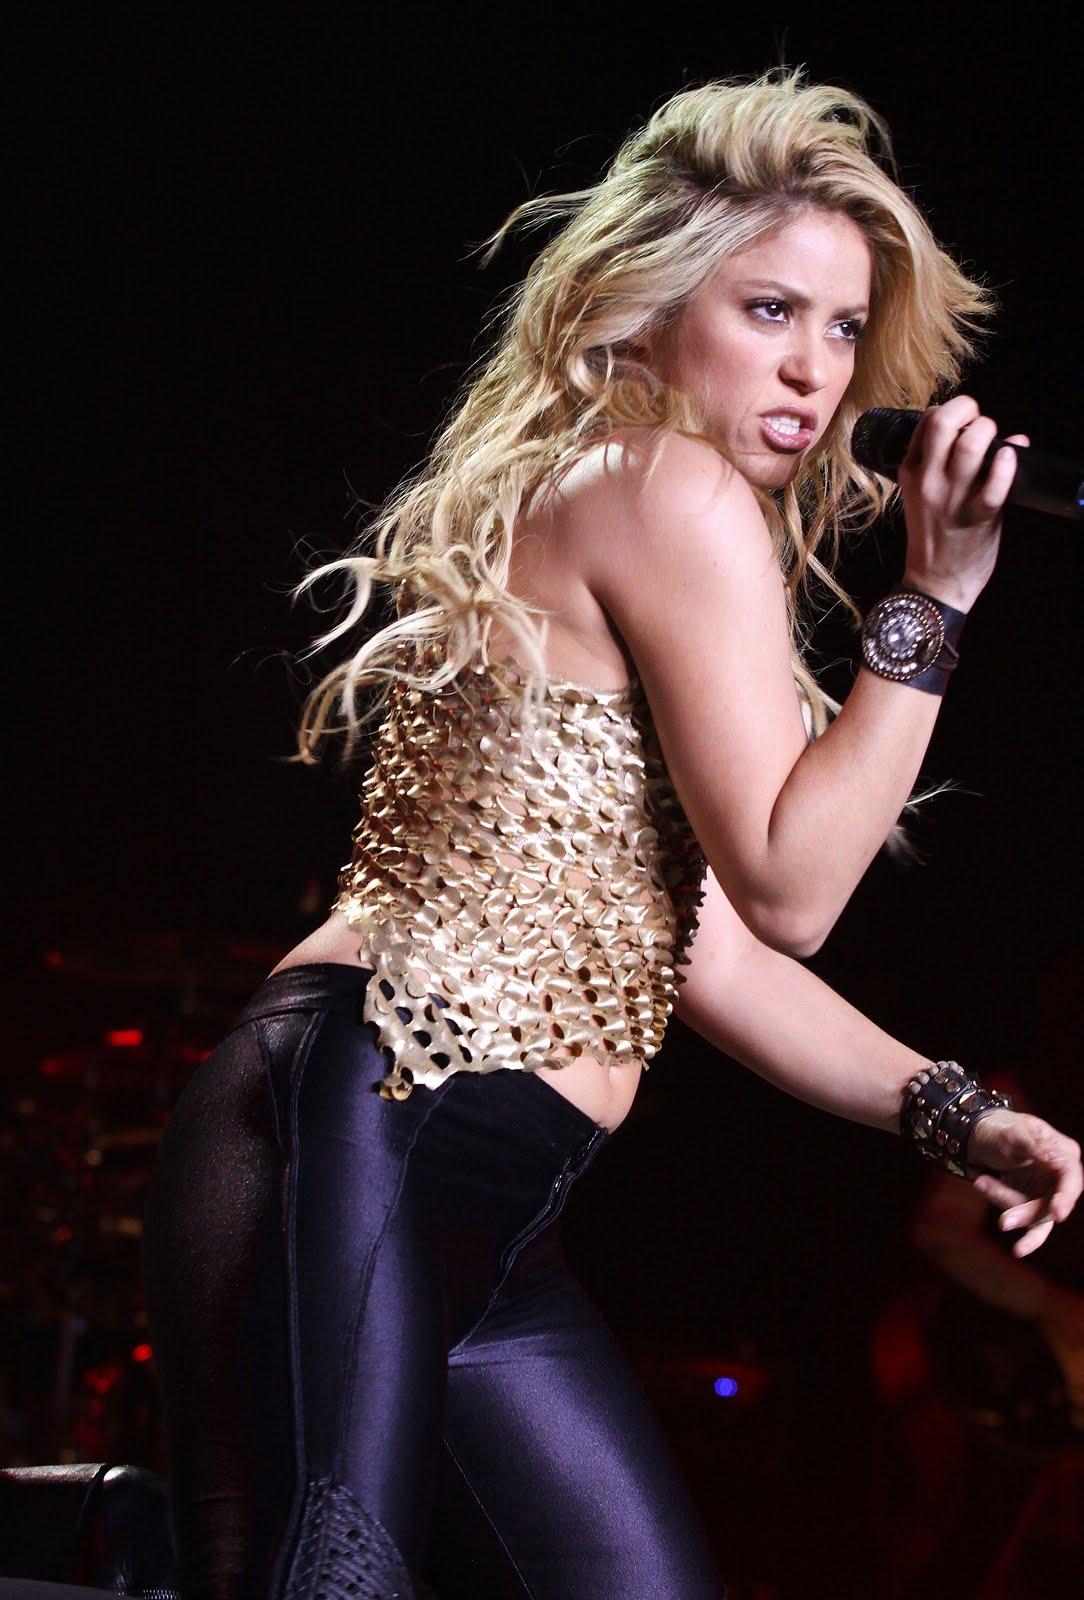 Galería » Apariciones, candids, conciertos... 78397_Shakira_PerformingliveinAssagoForuminMilanItalyMay32011_By_oTTo5_122_572lo